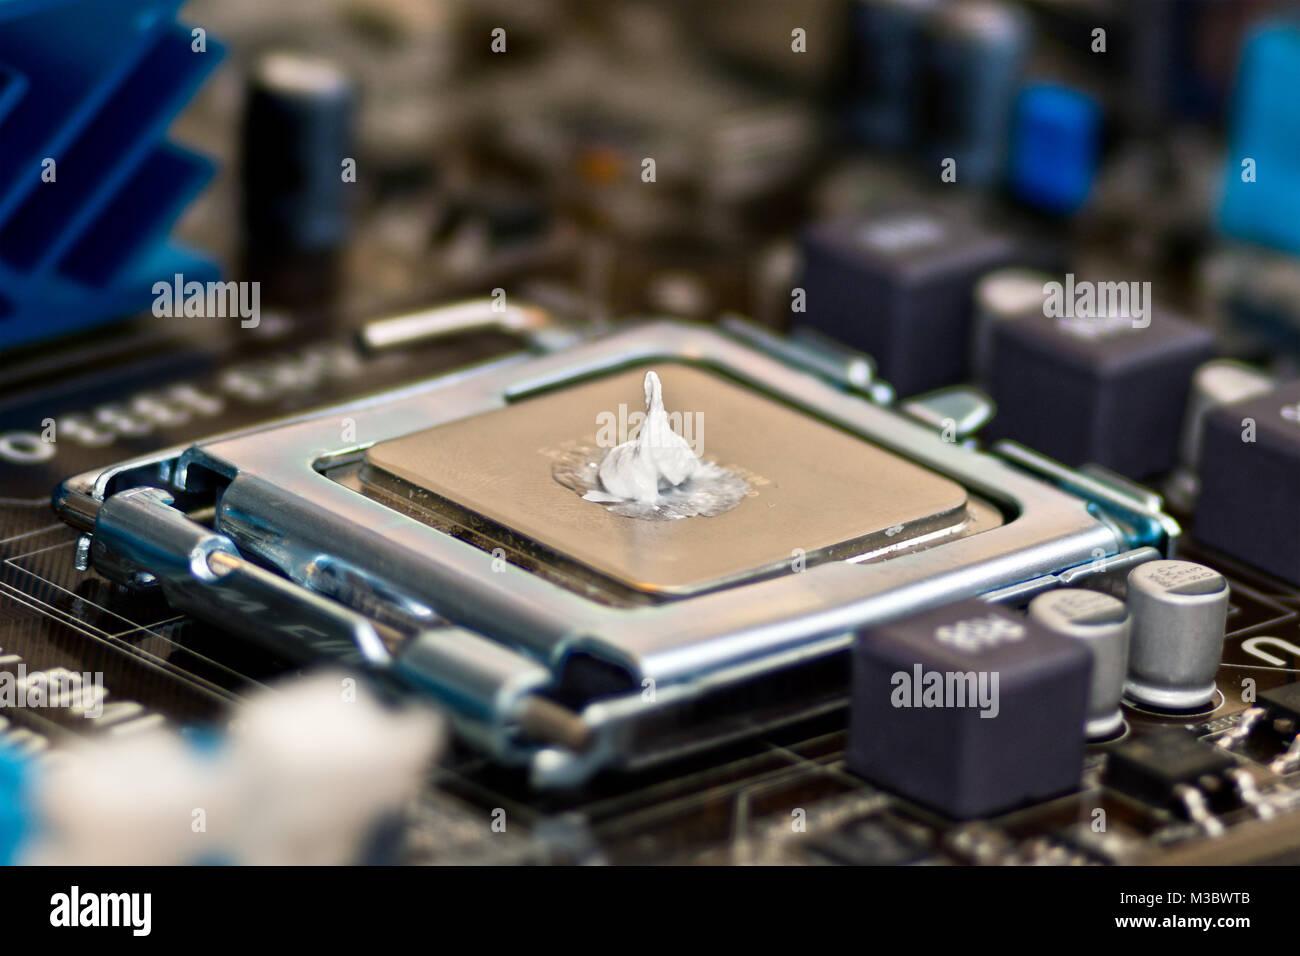 Geschlossener LGA775 CPU Sockel (Land Grid Array) mit eingelegter CPU und Tropfen Wärmeleitpaste, Prozessorsockel Stock Photo